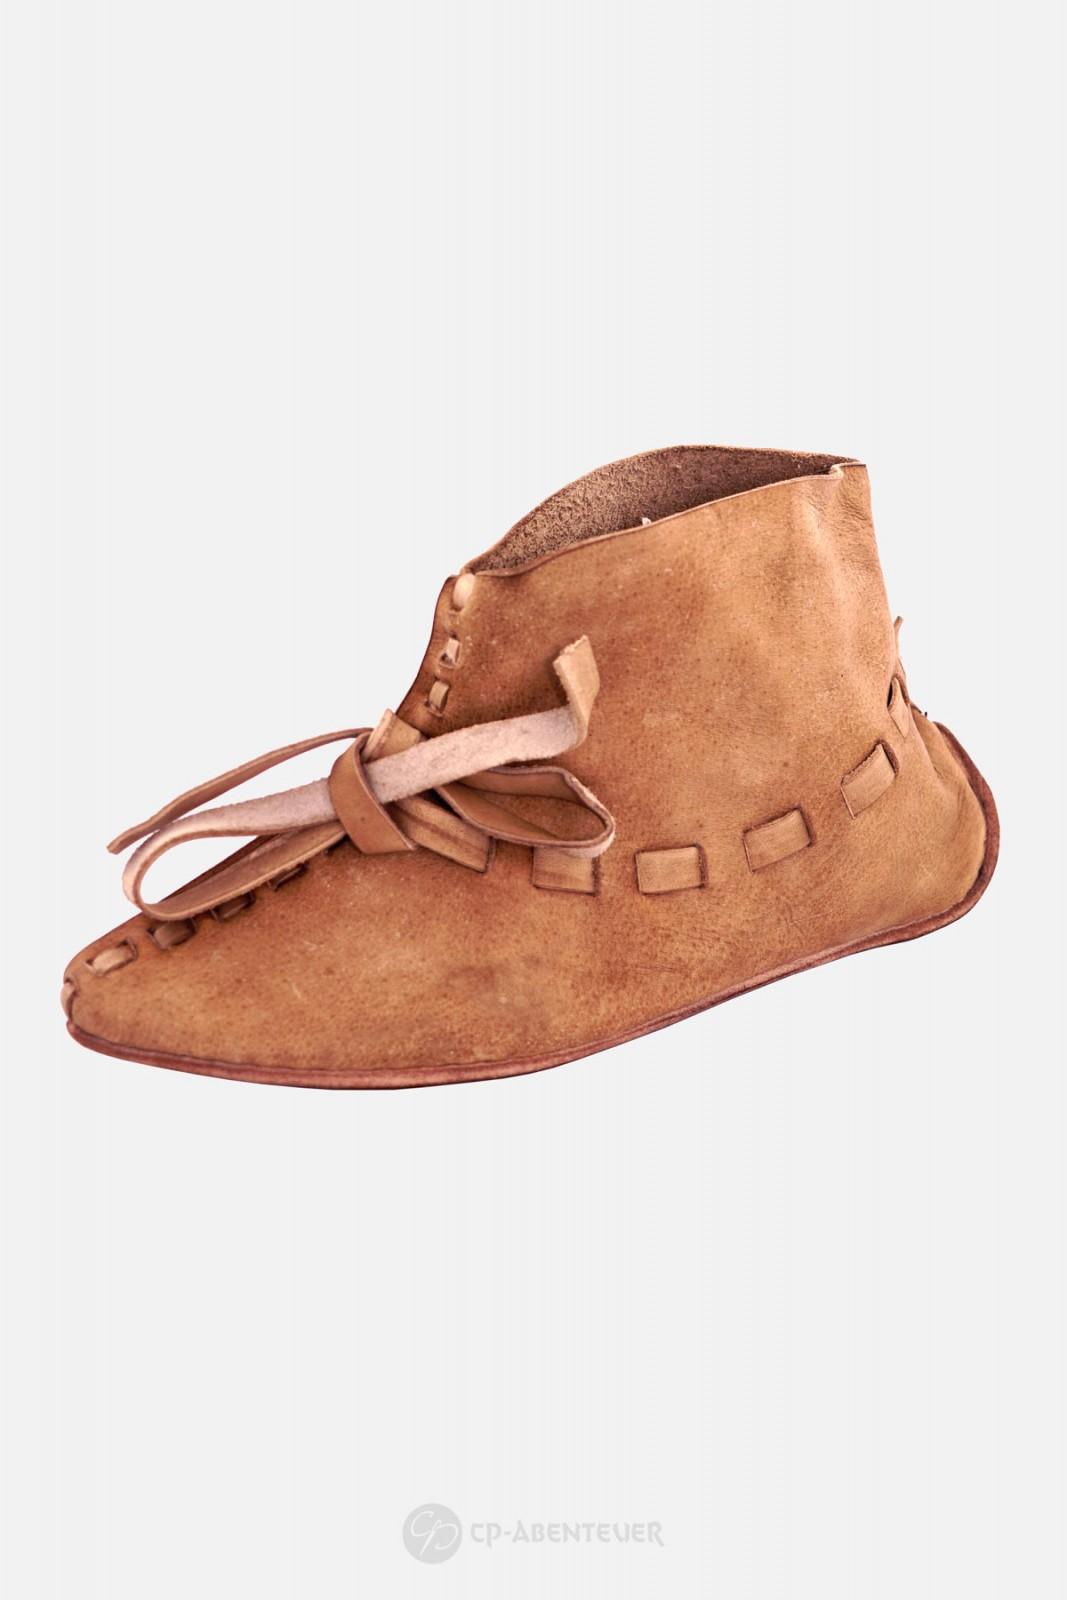 Moinn - Schuhe